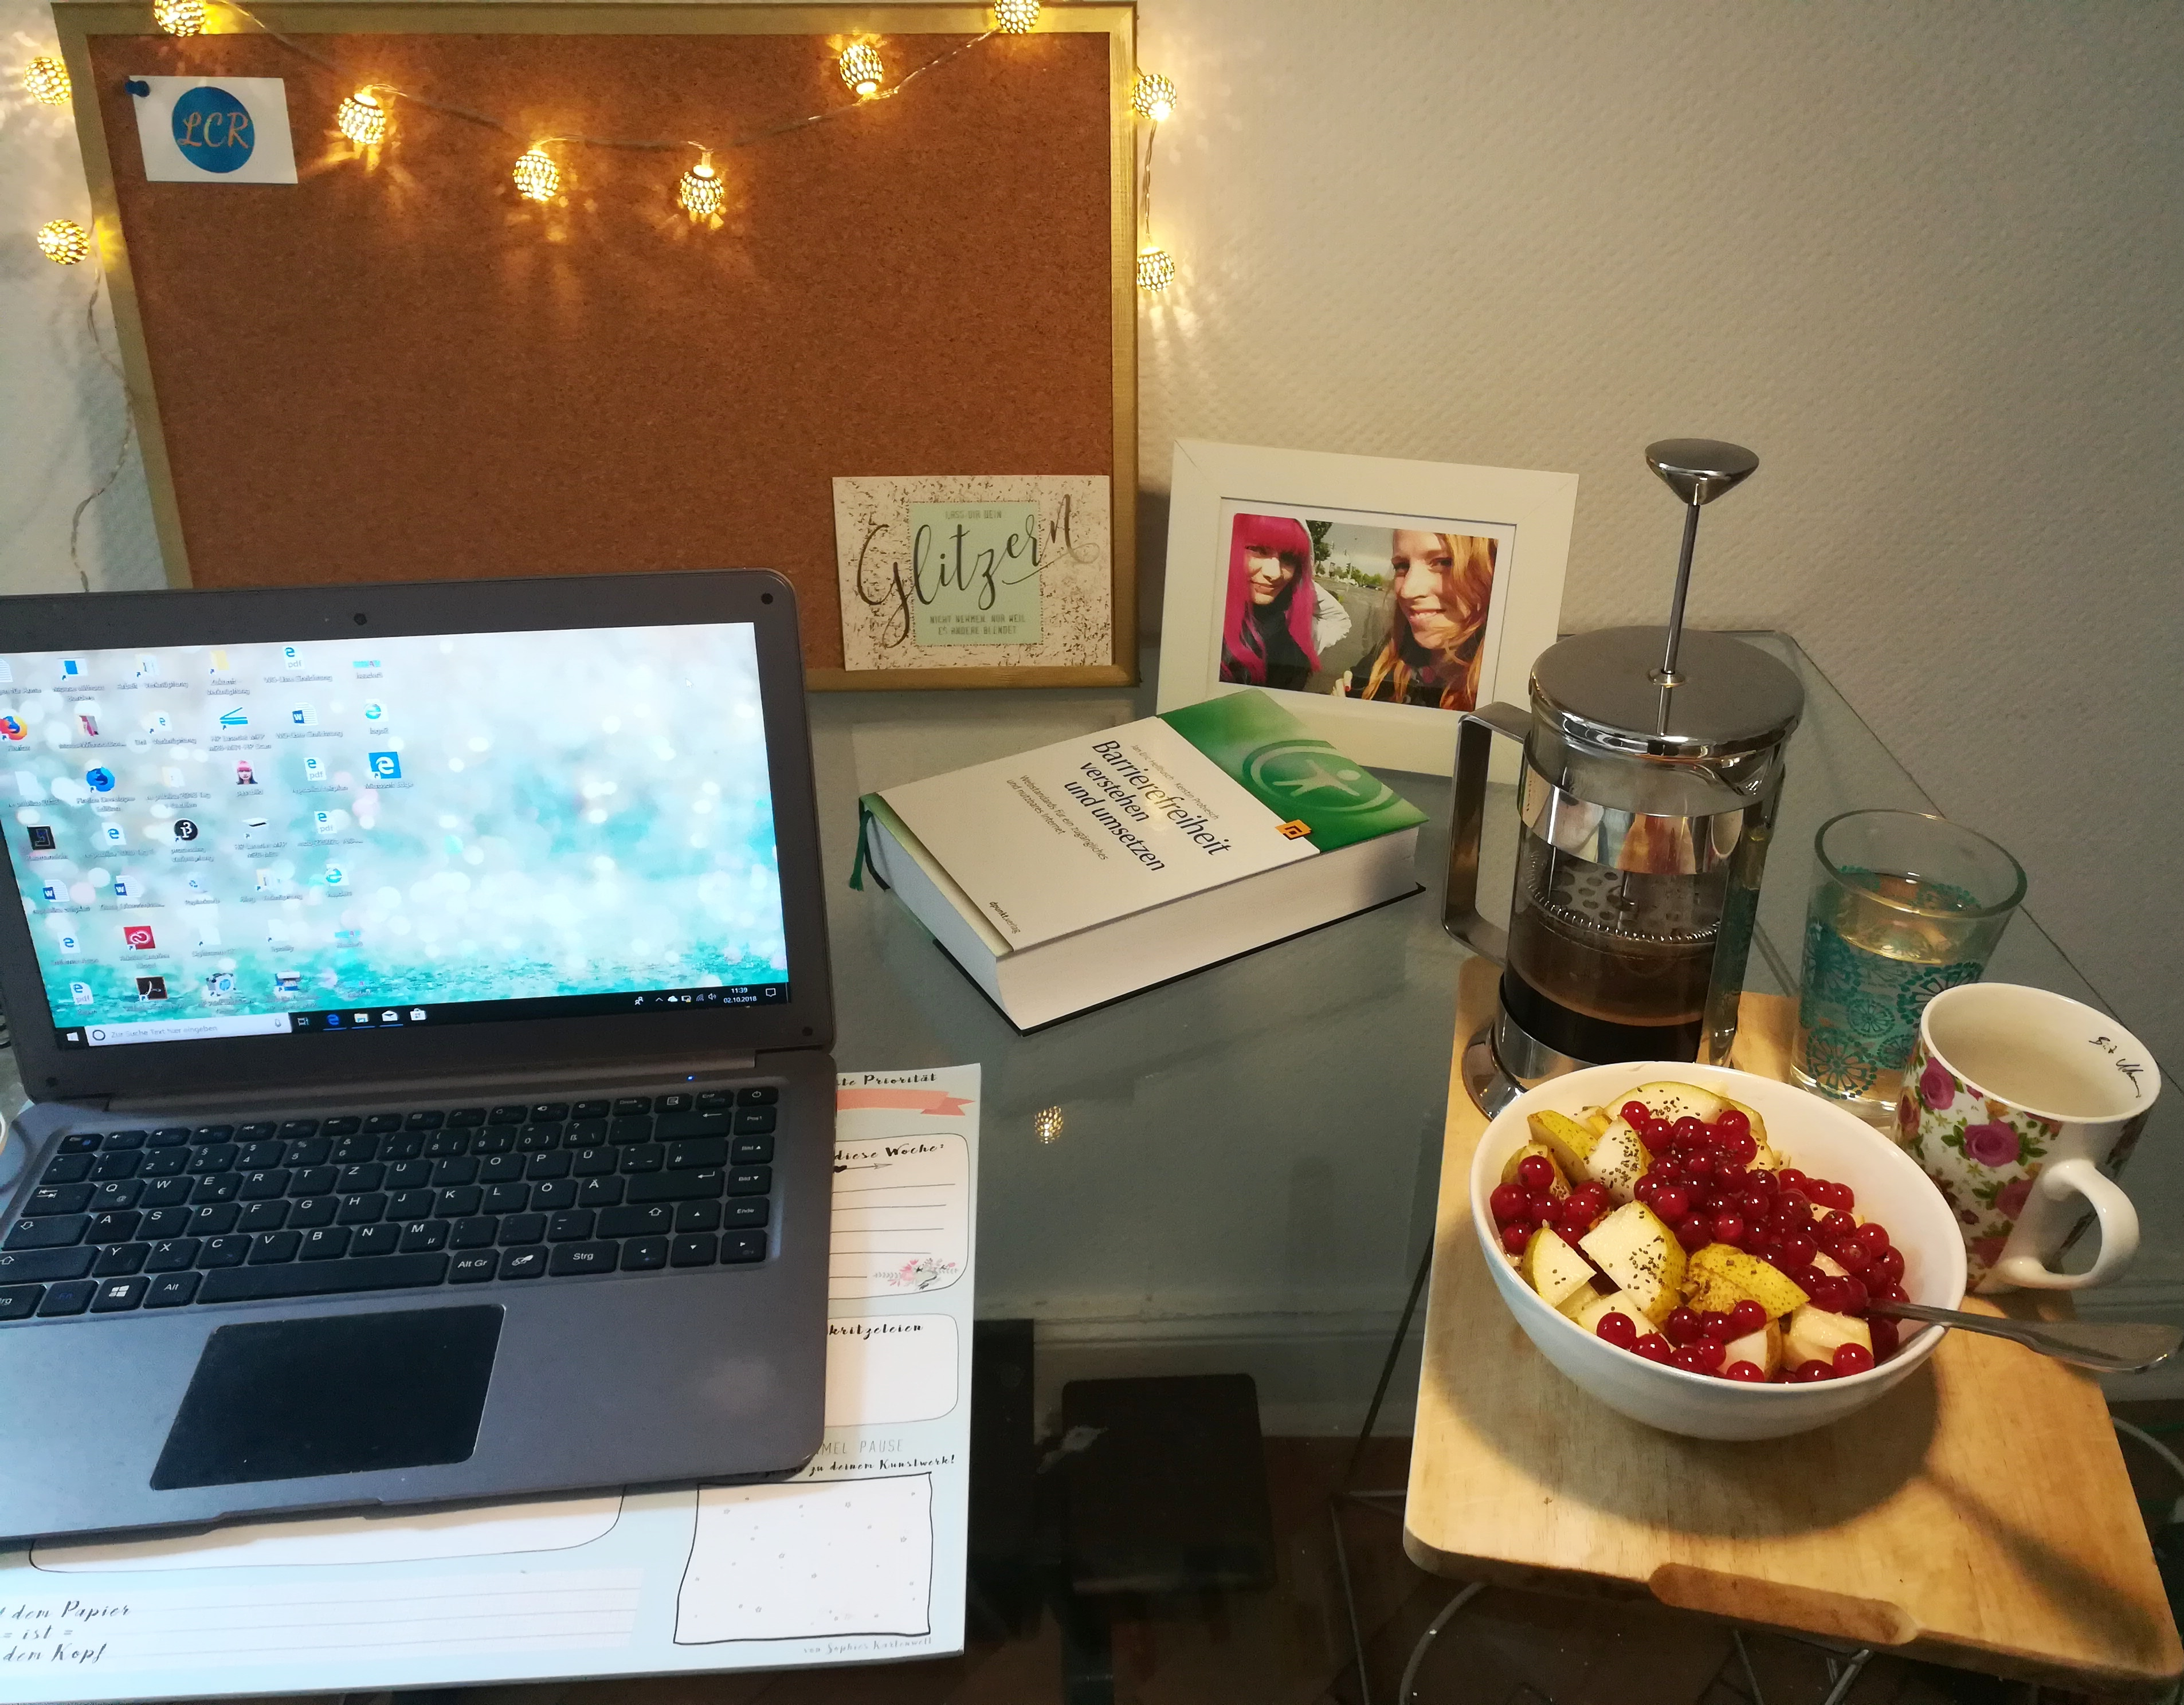 Schreibtisch mit Laptop und Frühstück (Kaffeekanne, Haferbrei mit Apfel und Johannisbeeren).